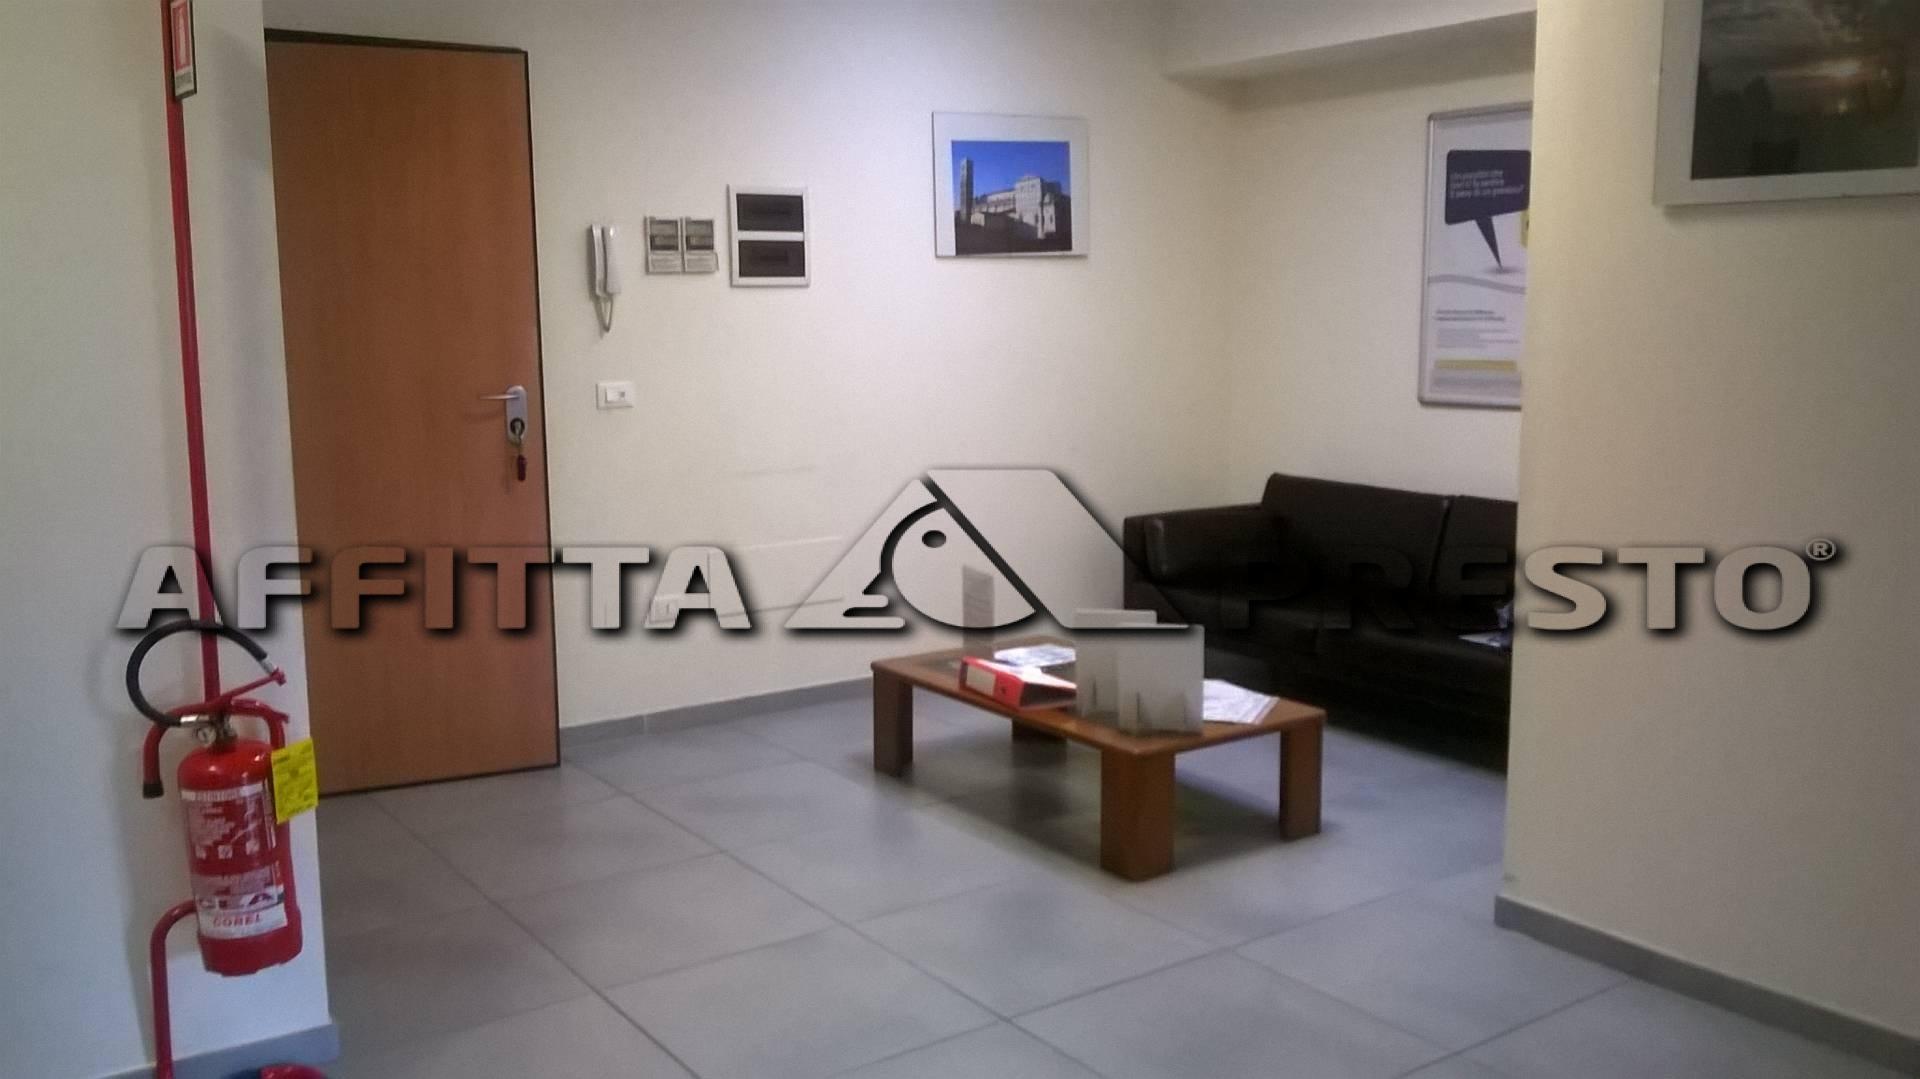 Attività commerciale in affitto a Ospedaletto, Pisa